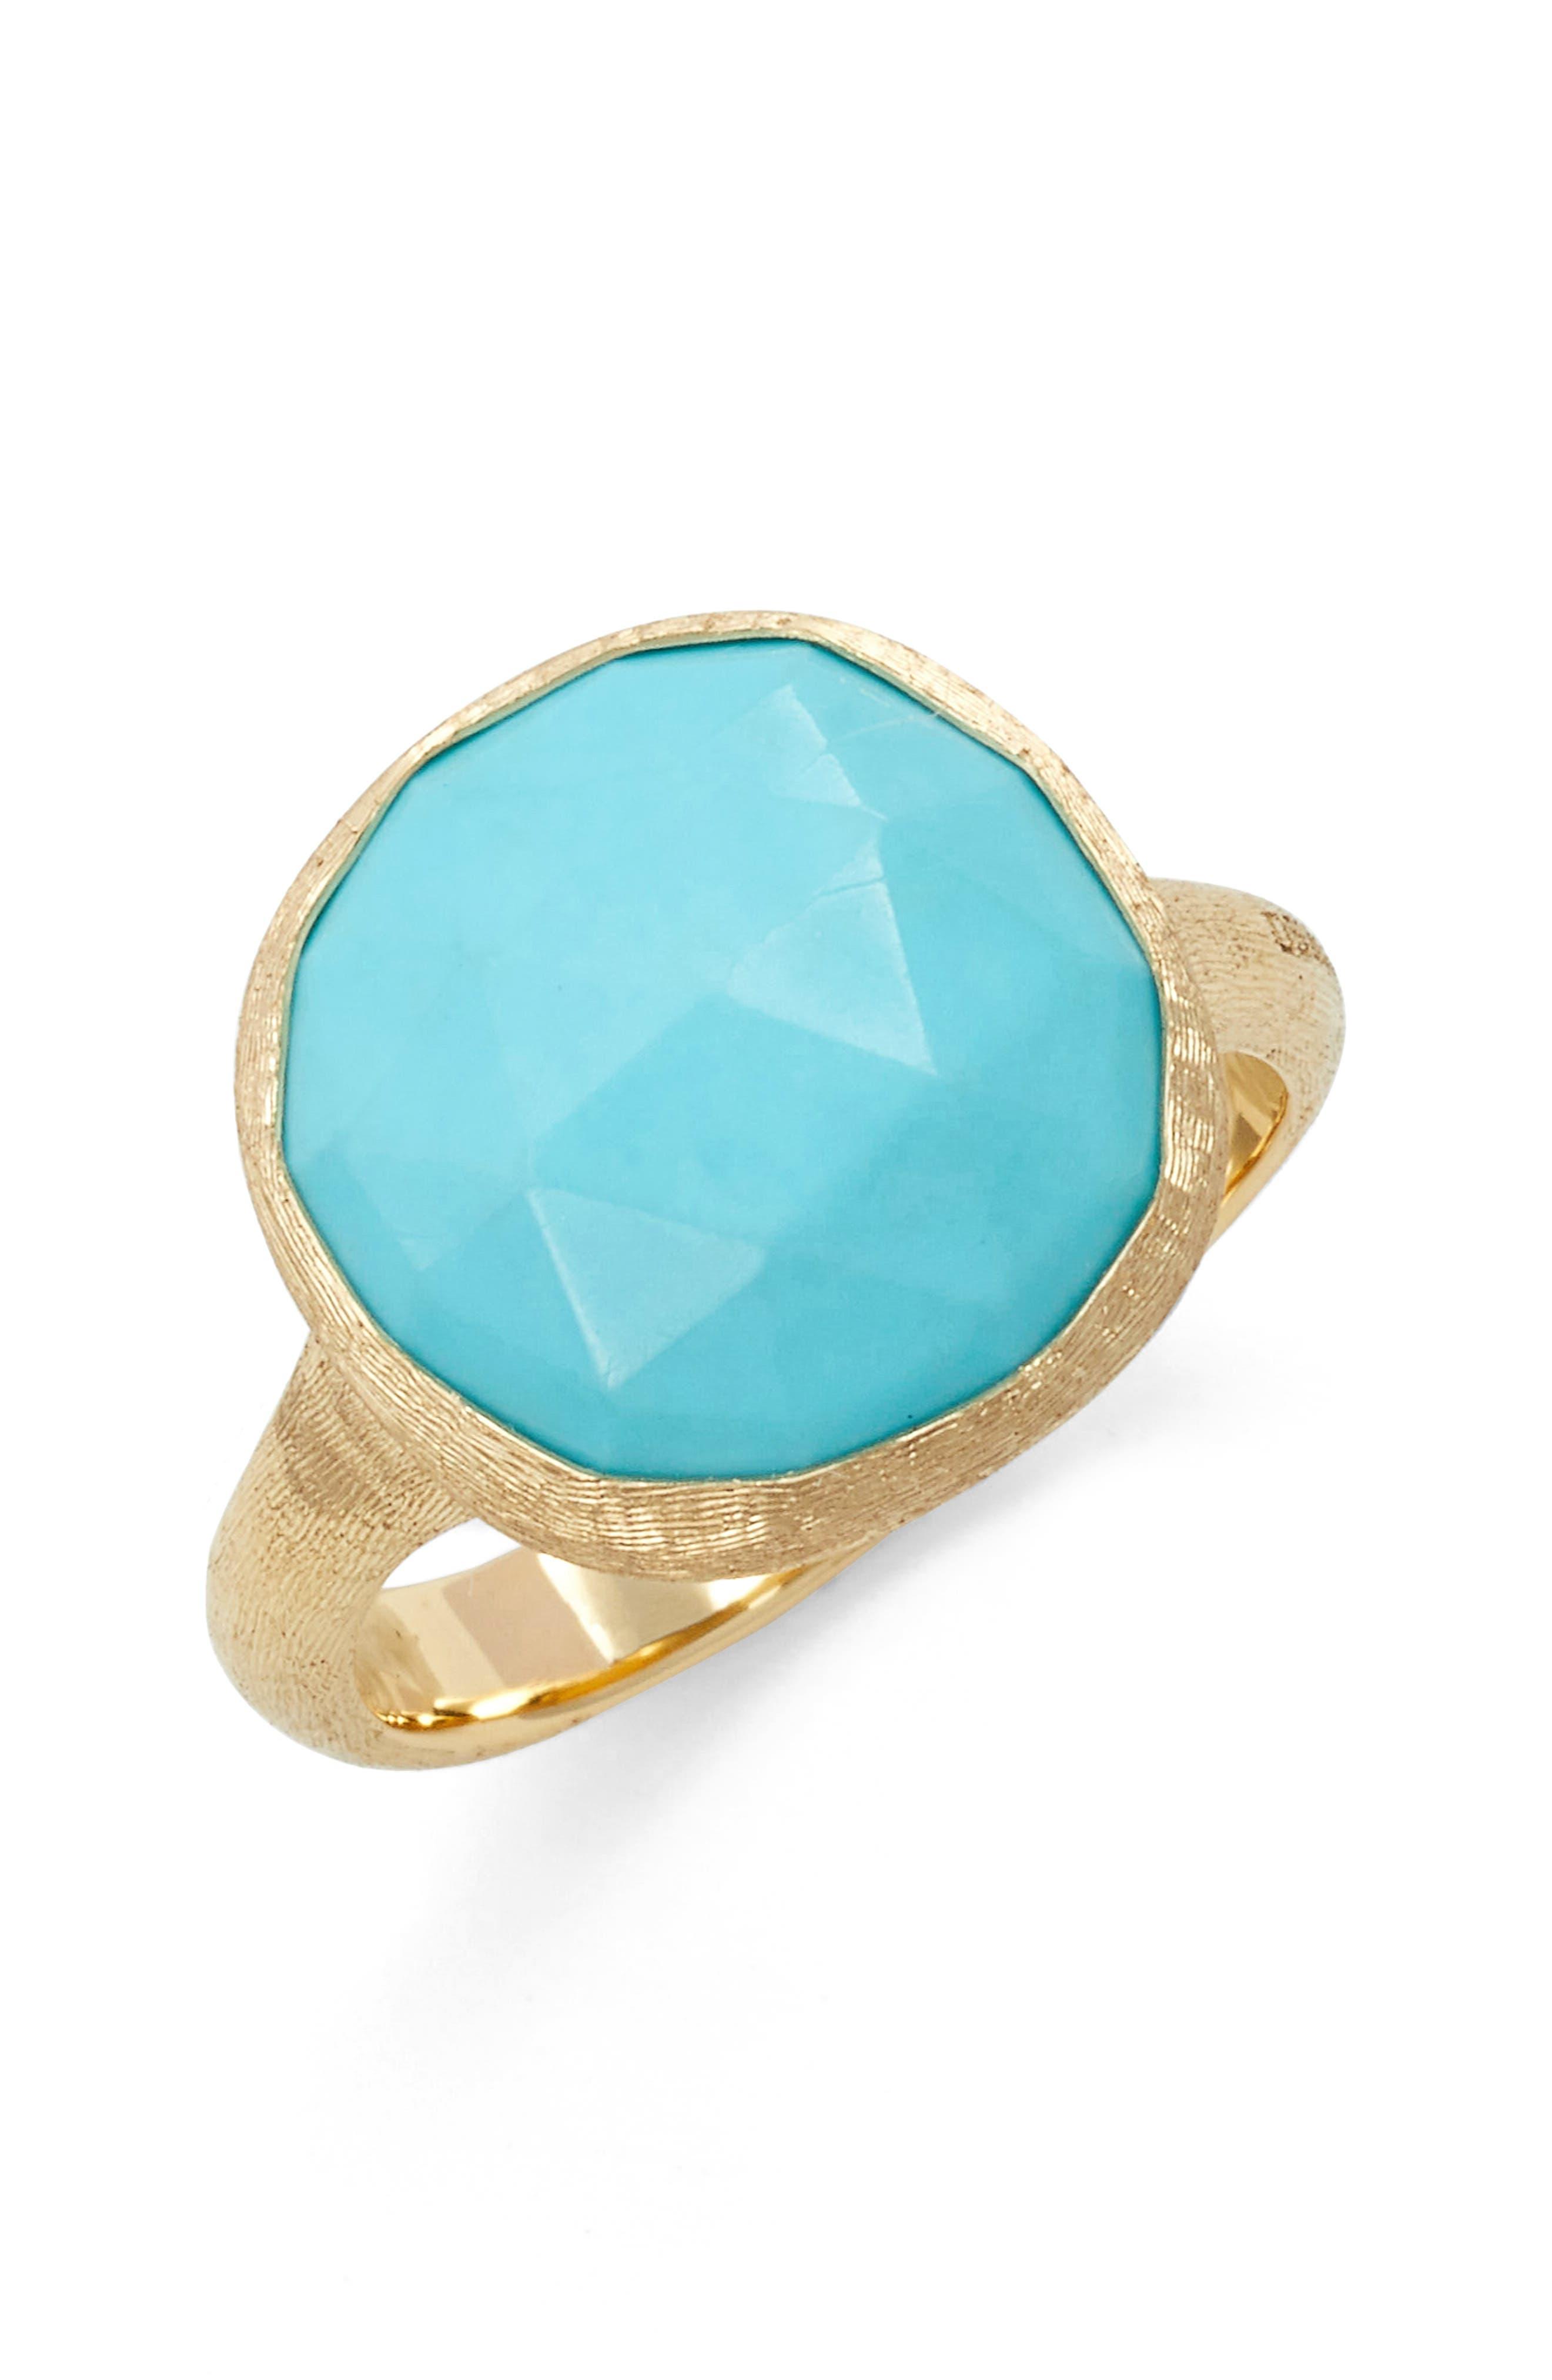 MARCO BICEGO Jaipur Stone Ring